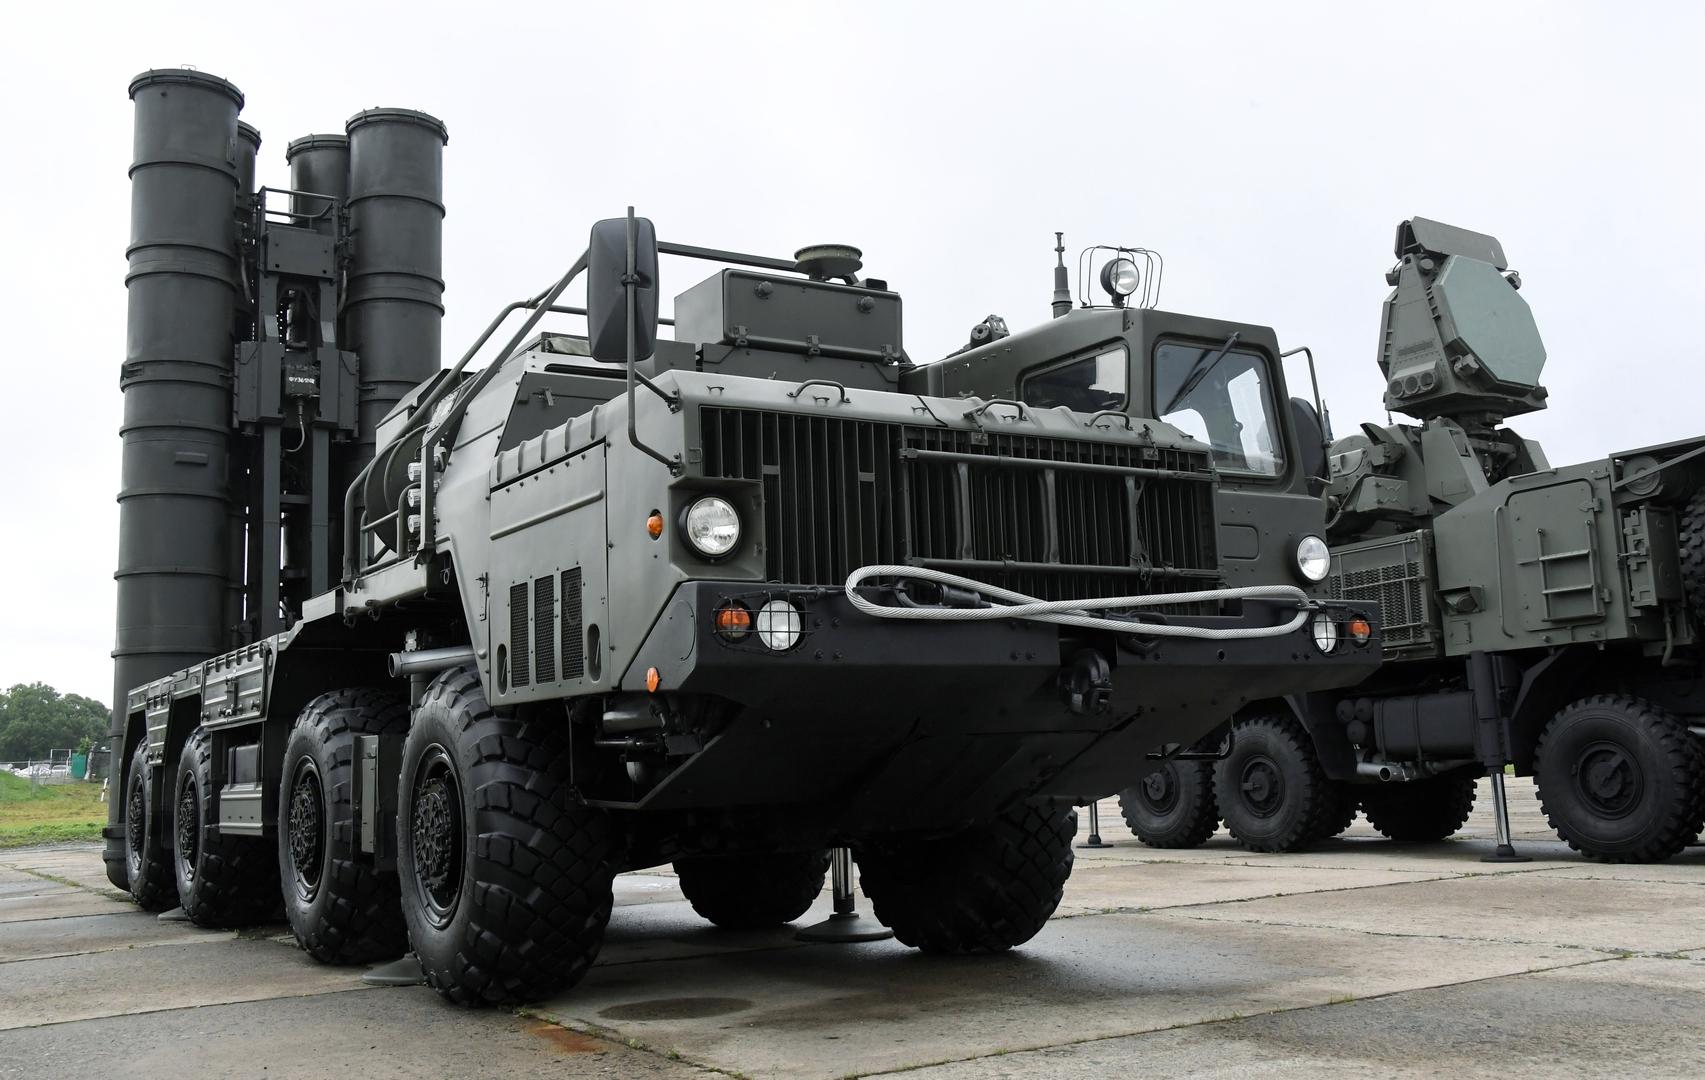 القوات الأمريكية تتدرب على تدمير أنظمة صواريخ